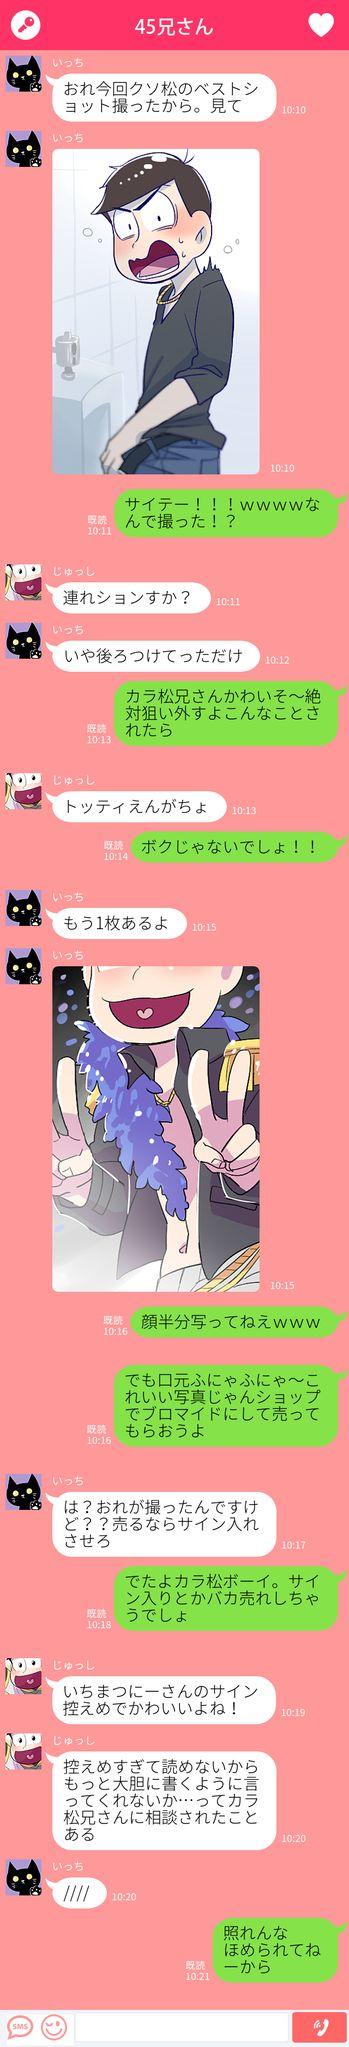 Osomatsu-San chat